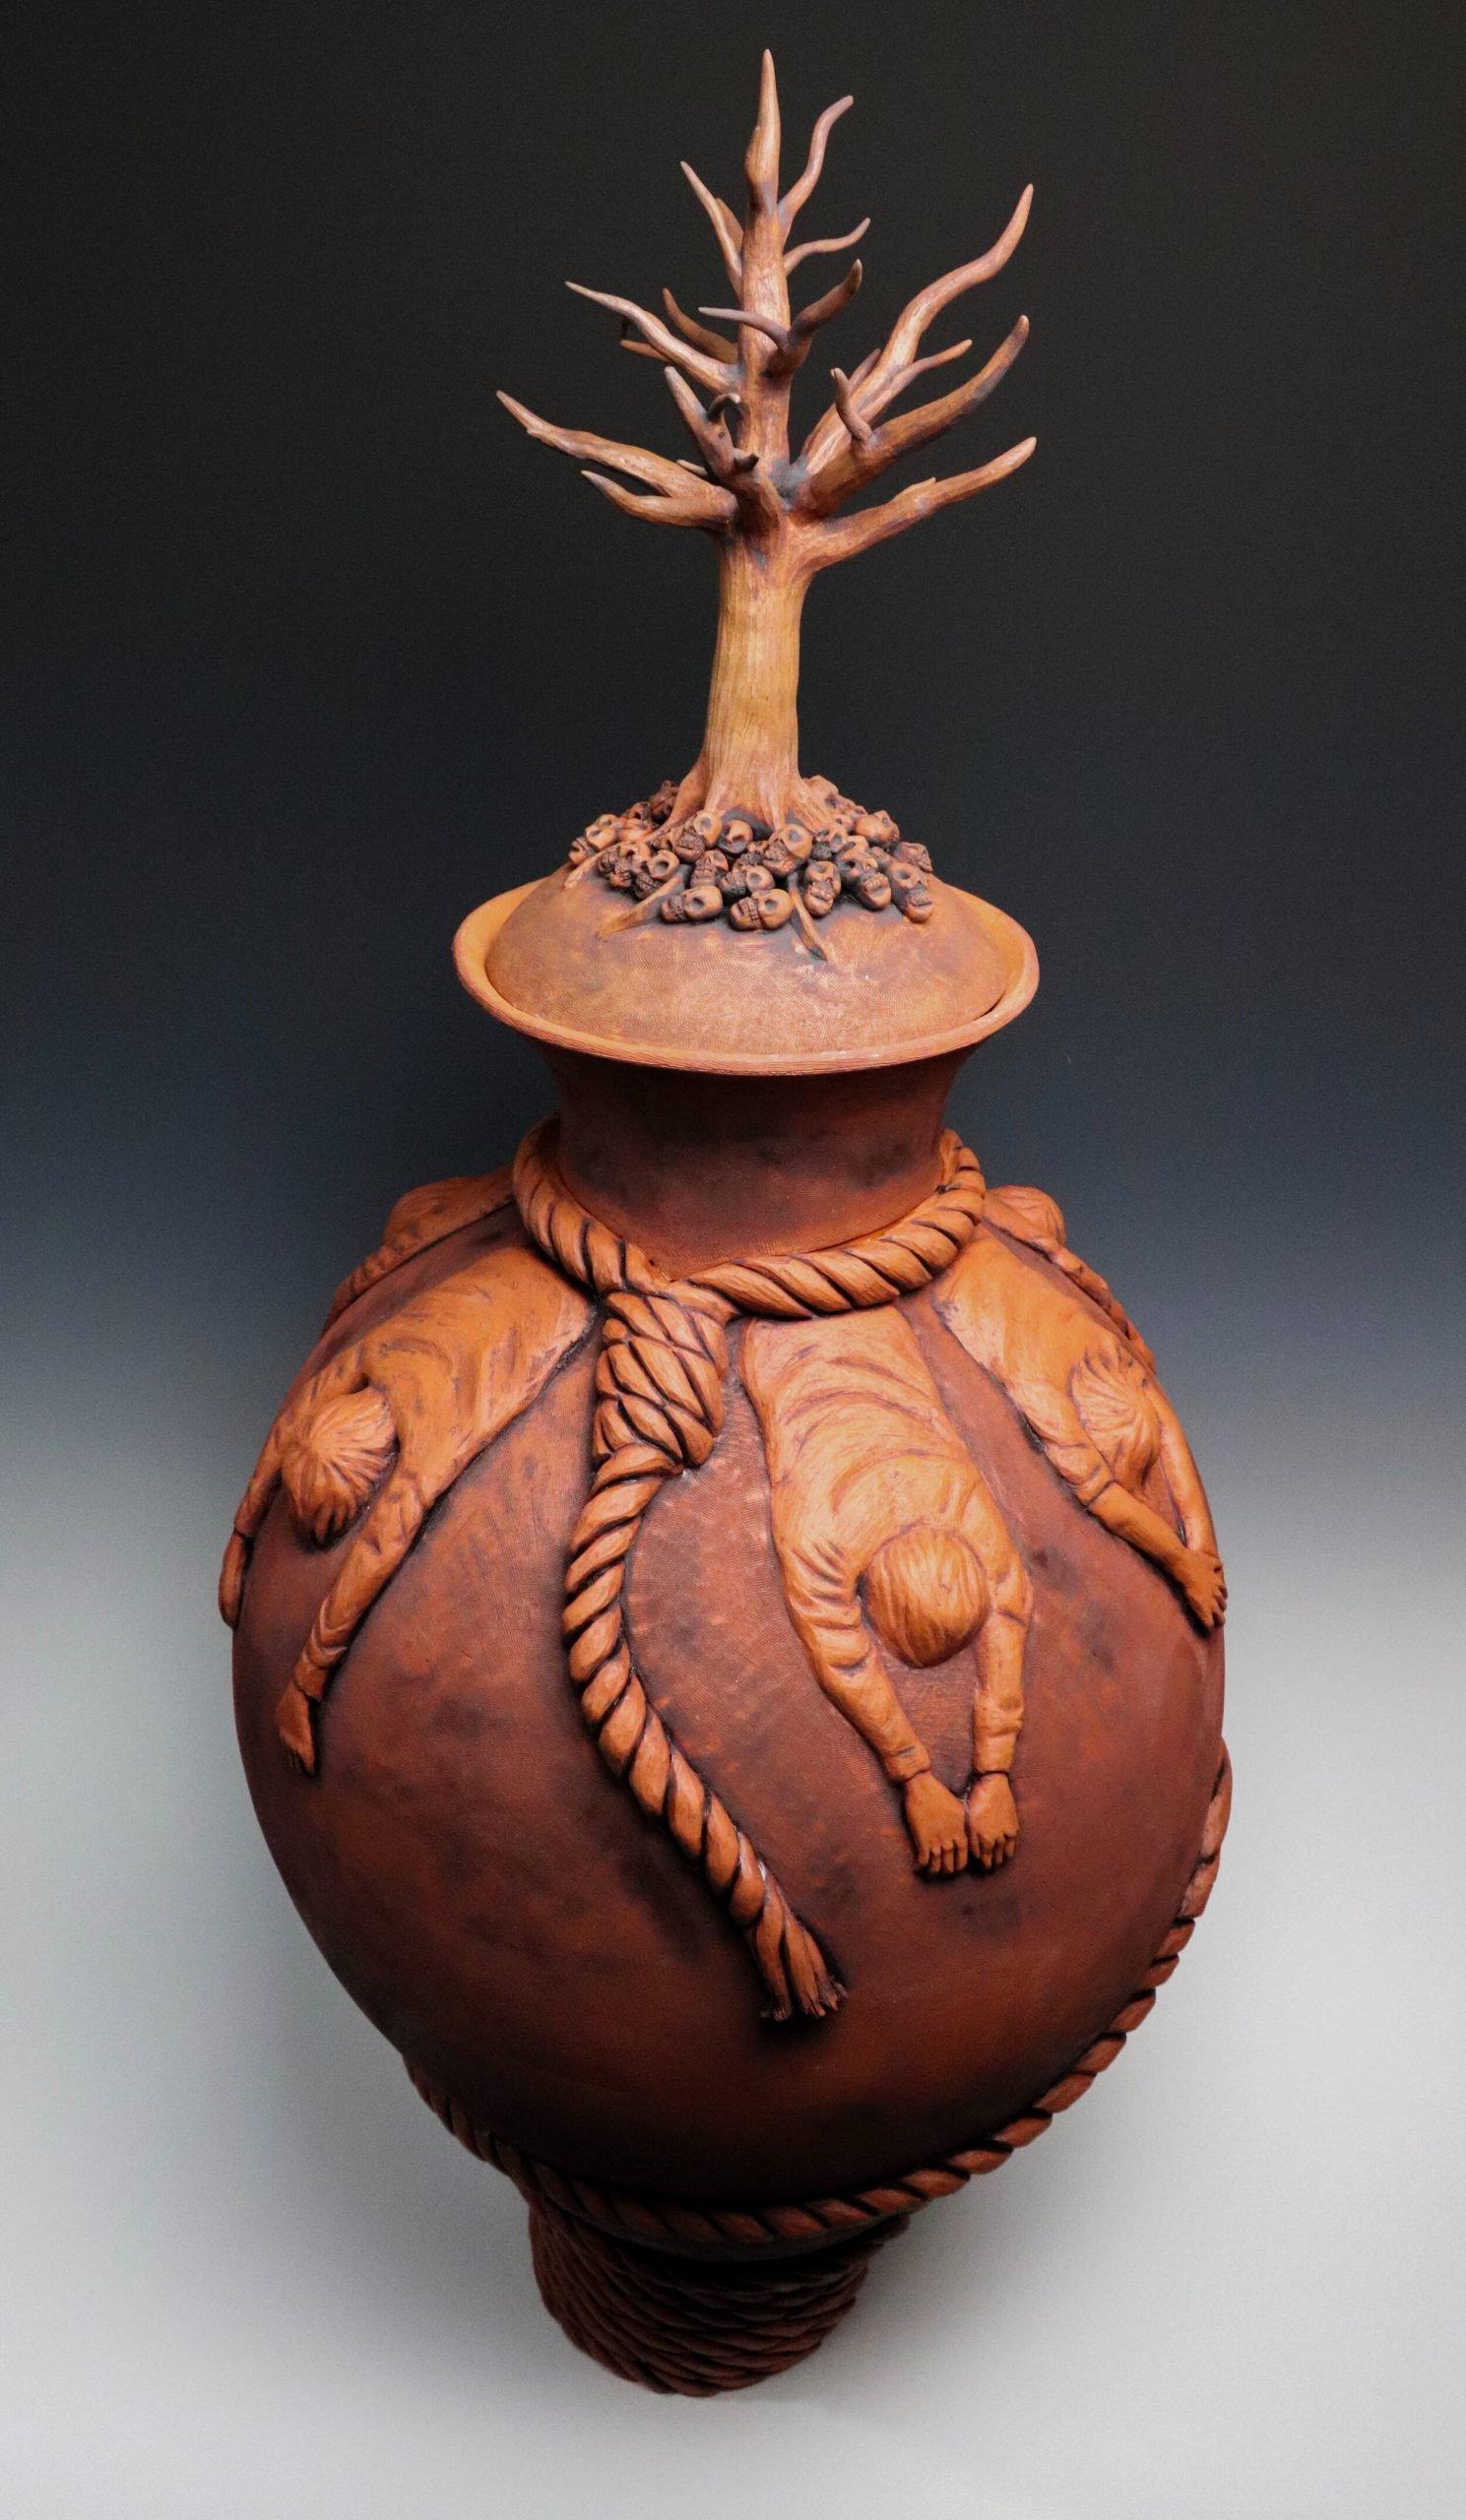 La Matanza ceramic vase